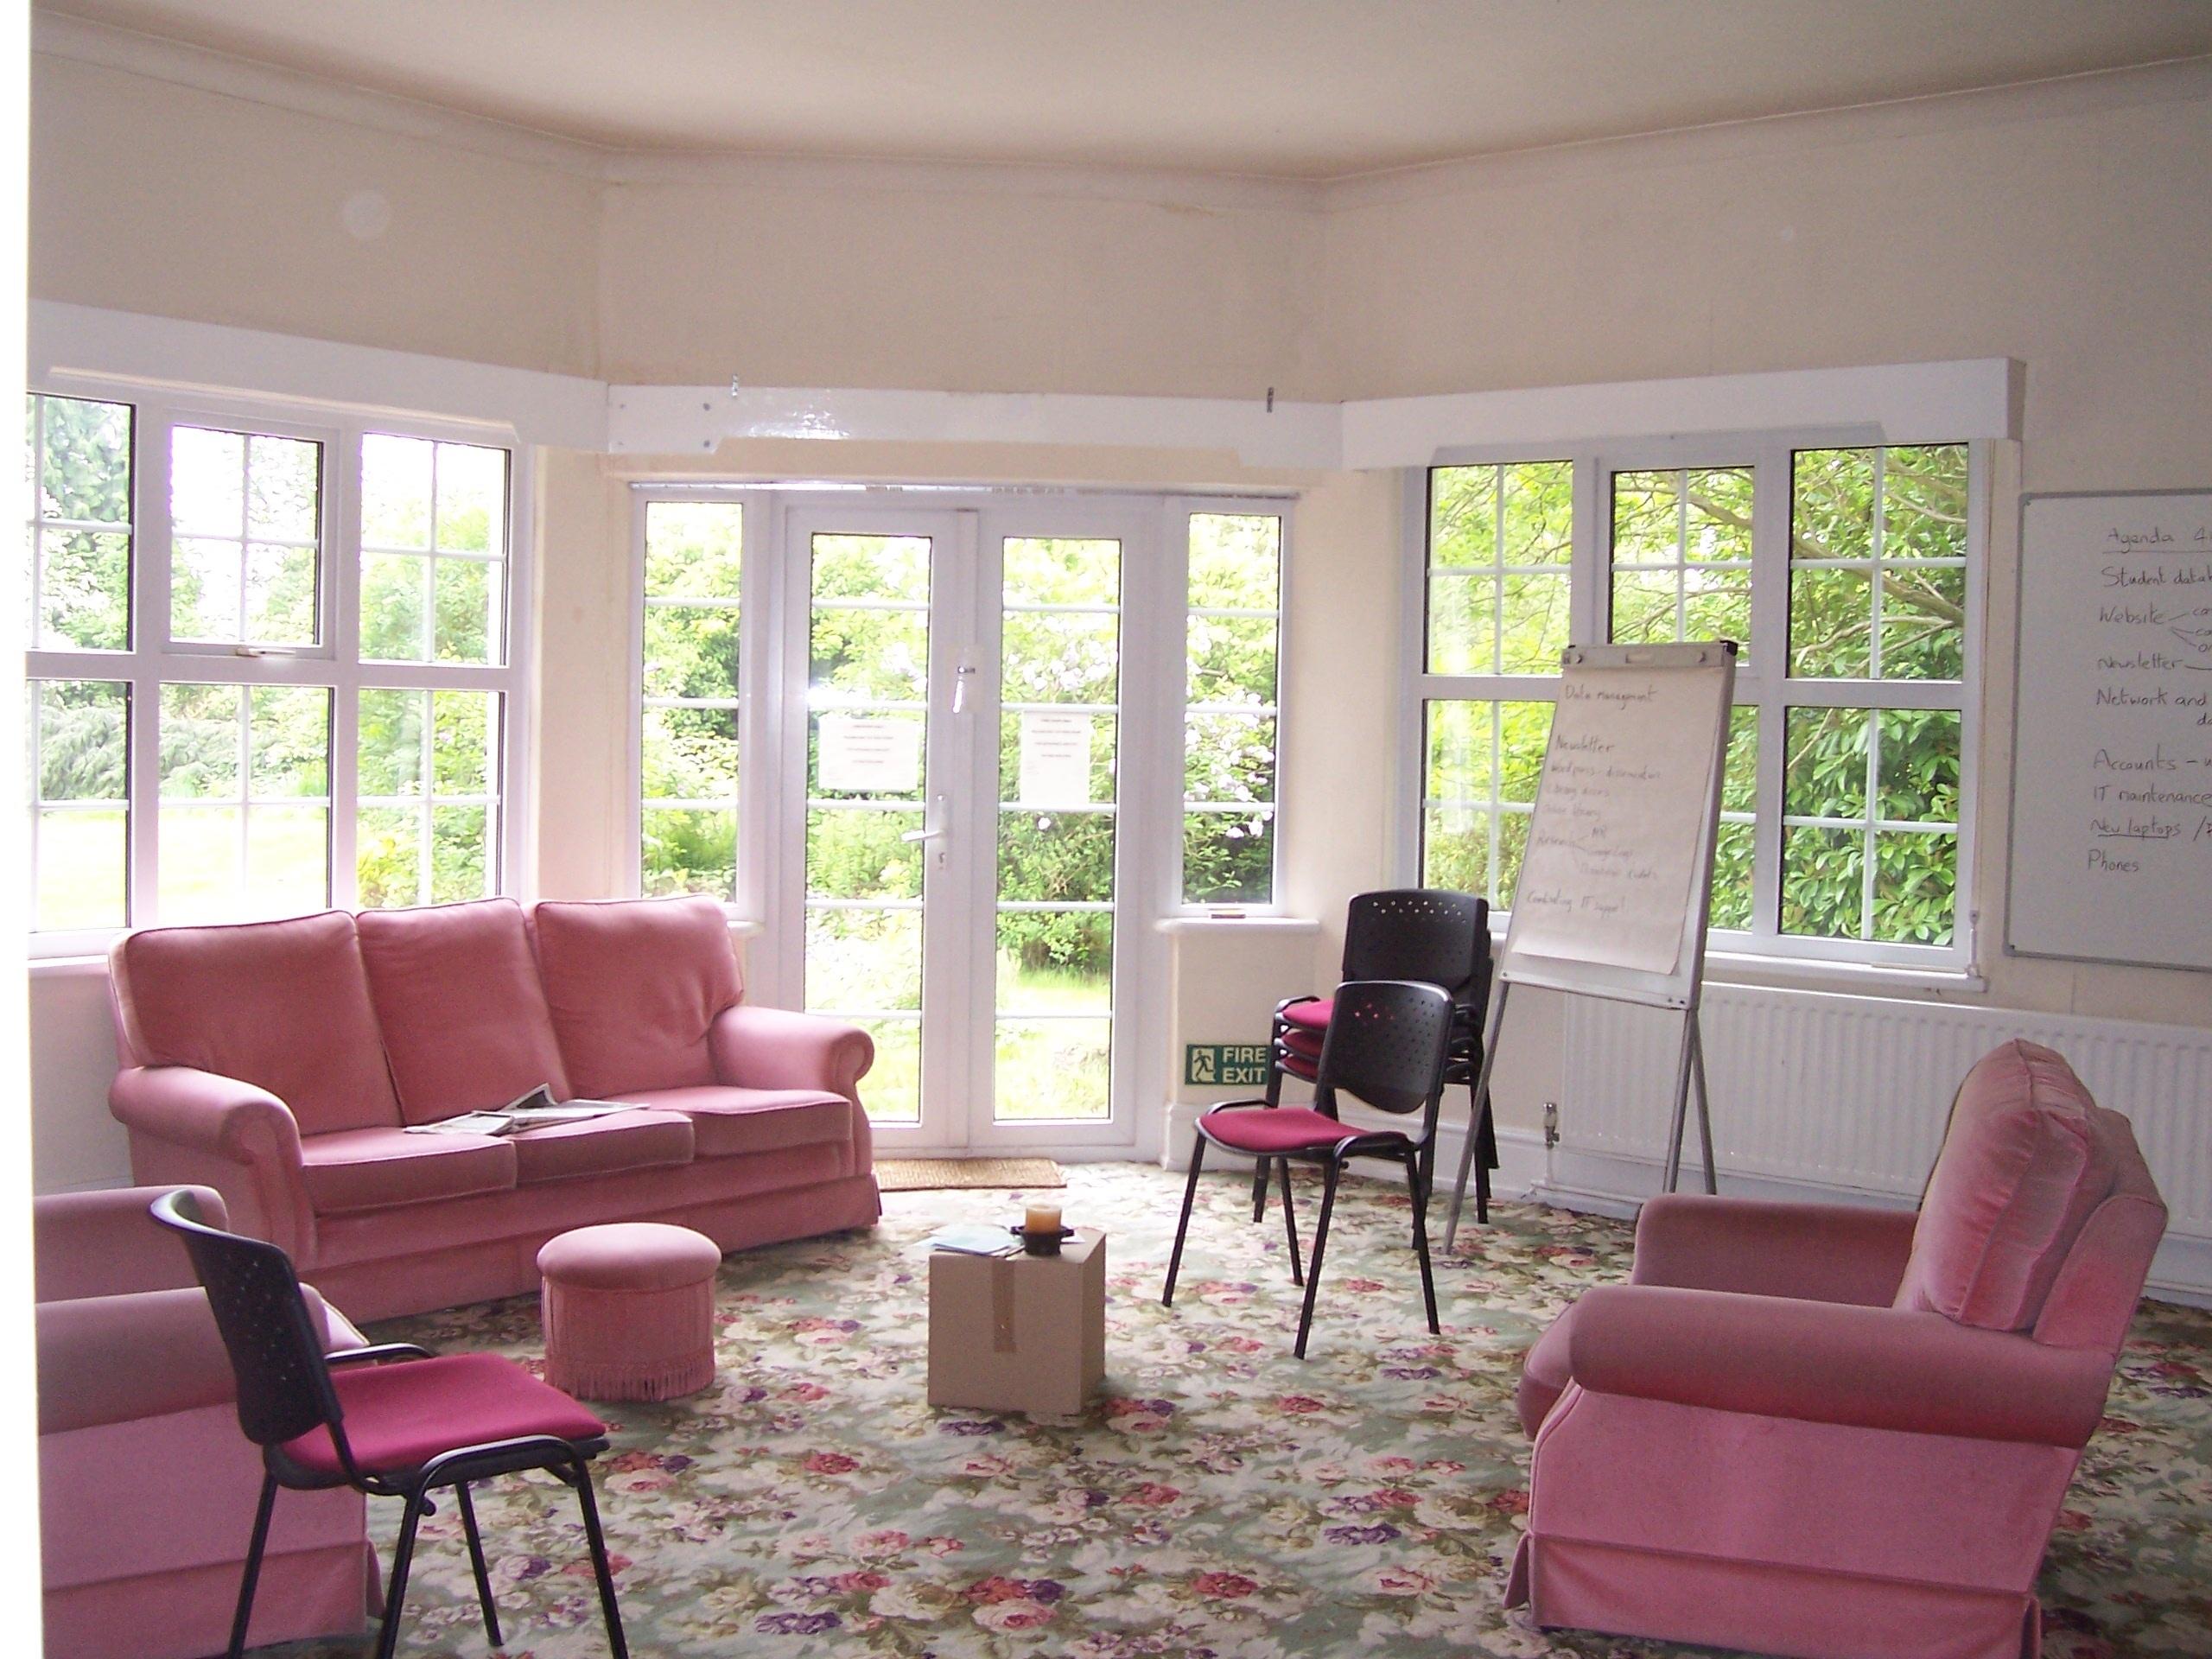 Oppsiktsvekkende Bildet : interiør, hjem, veranda, hytte, eiendom, stue, møbler TL-84